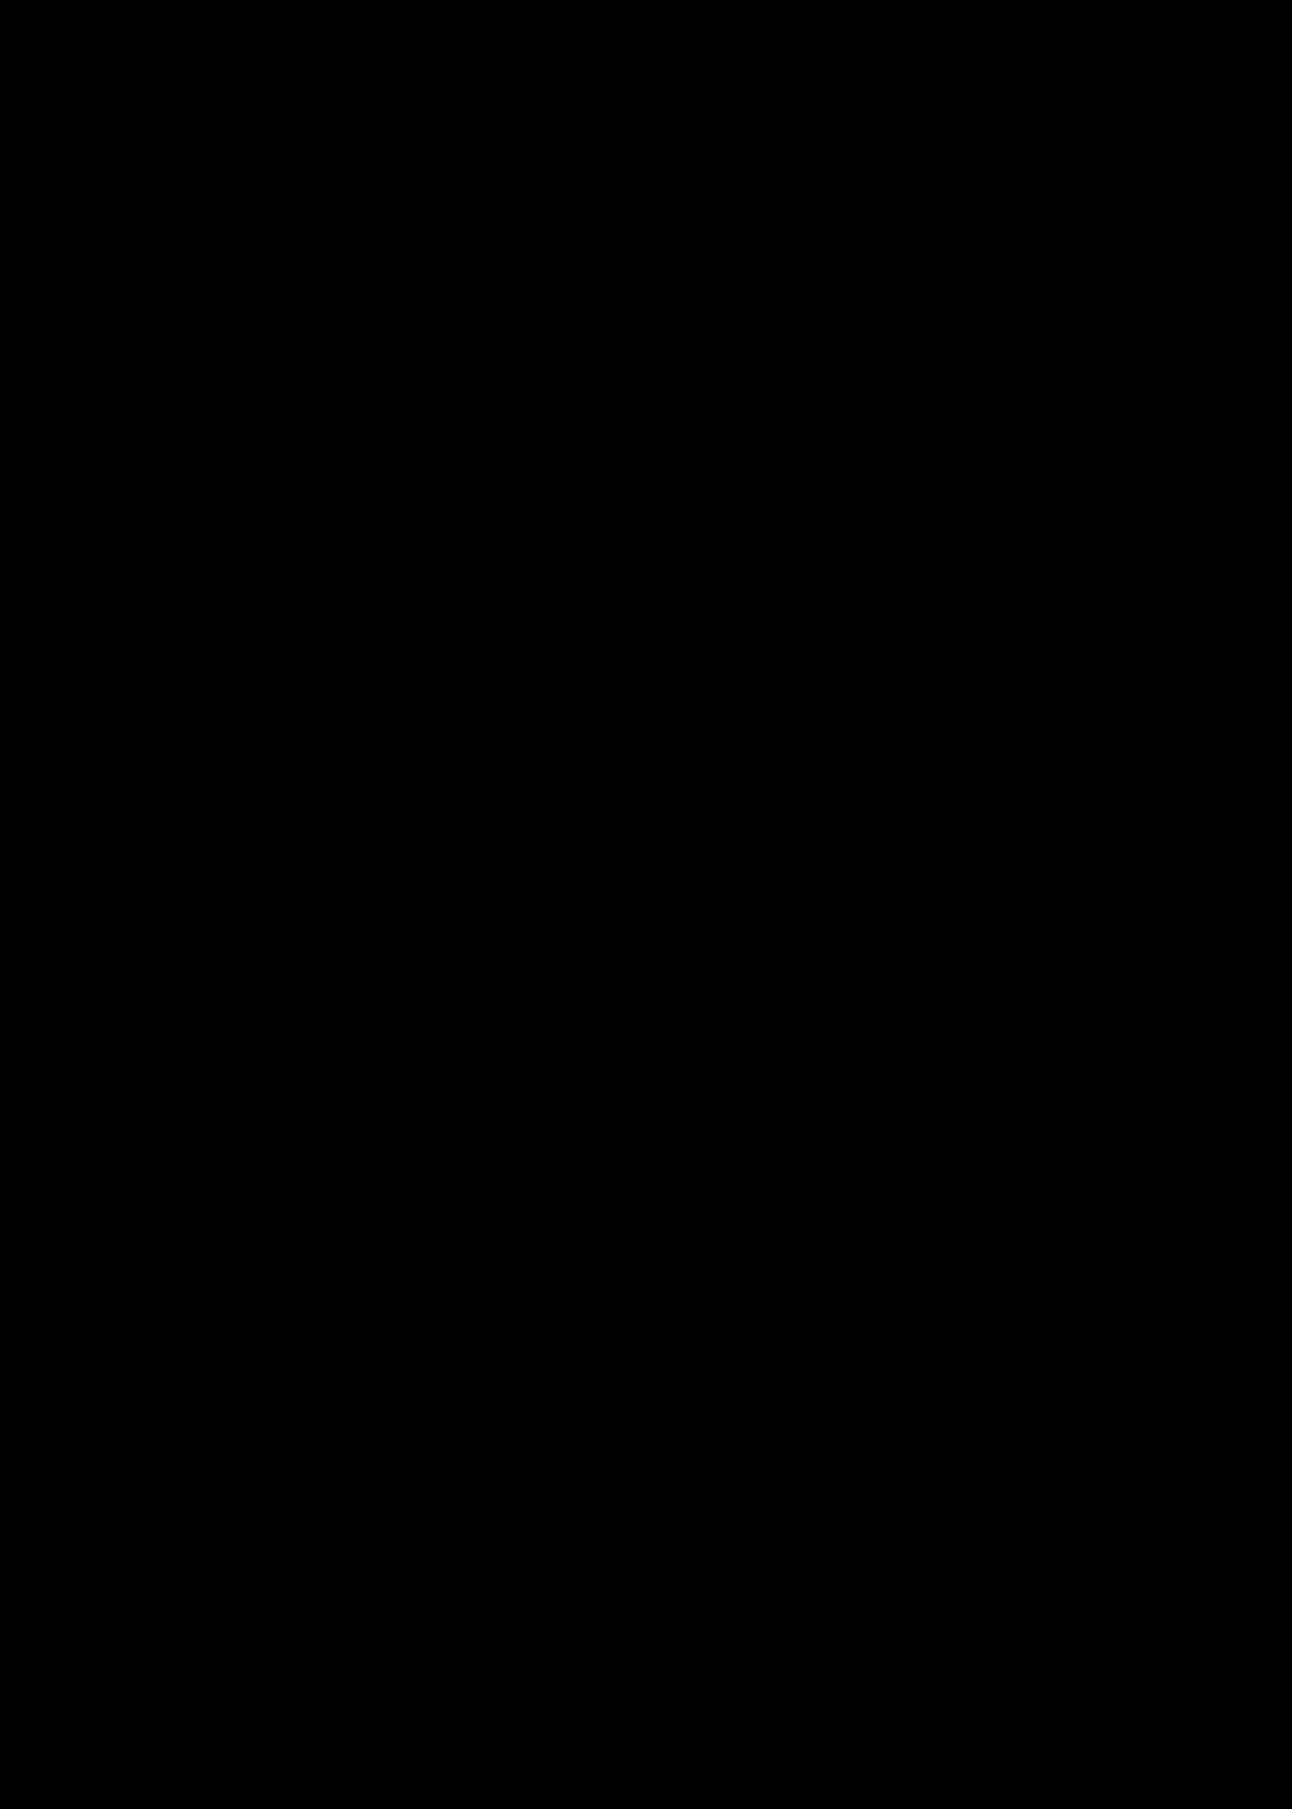 hlg_2933